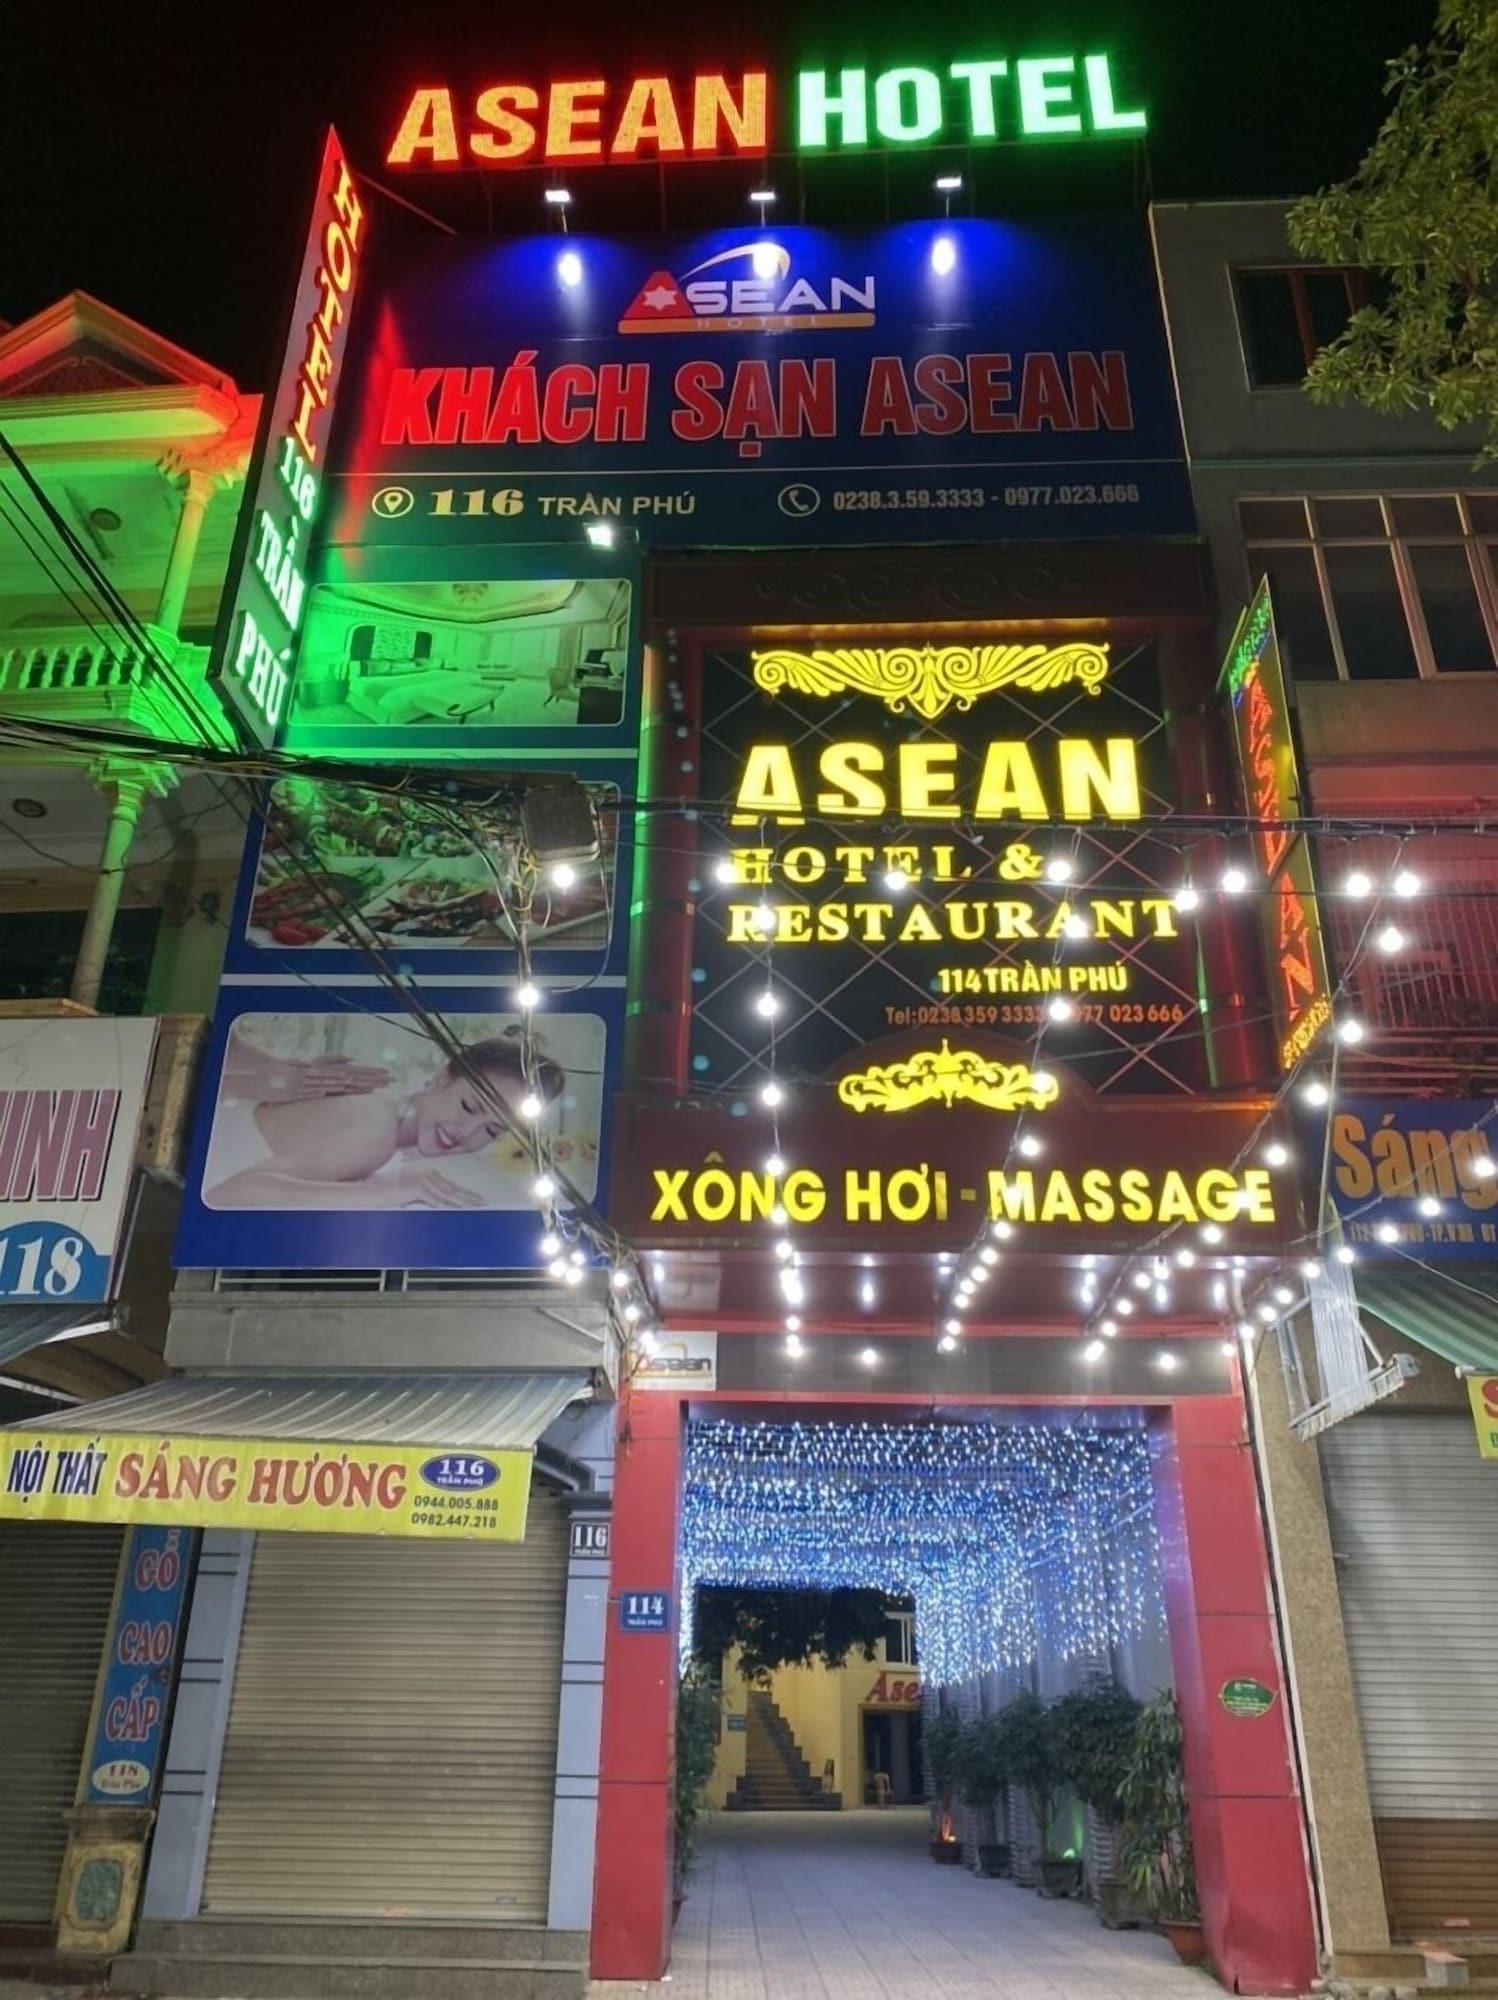 Khach san Asean, Vinh